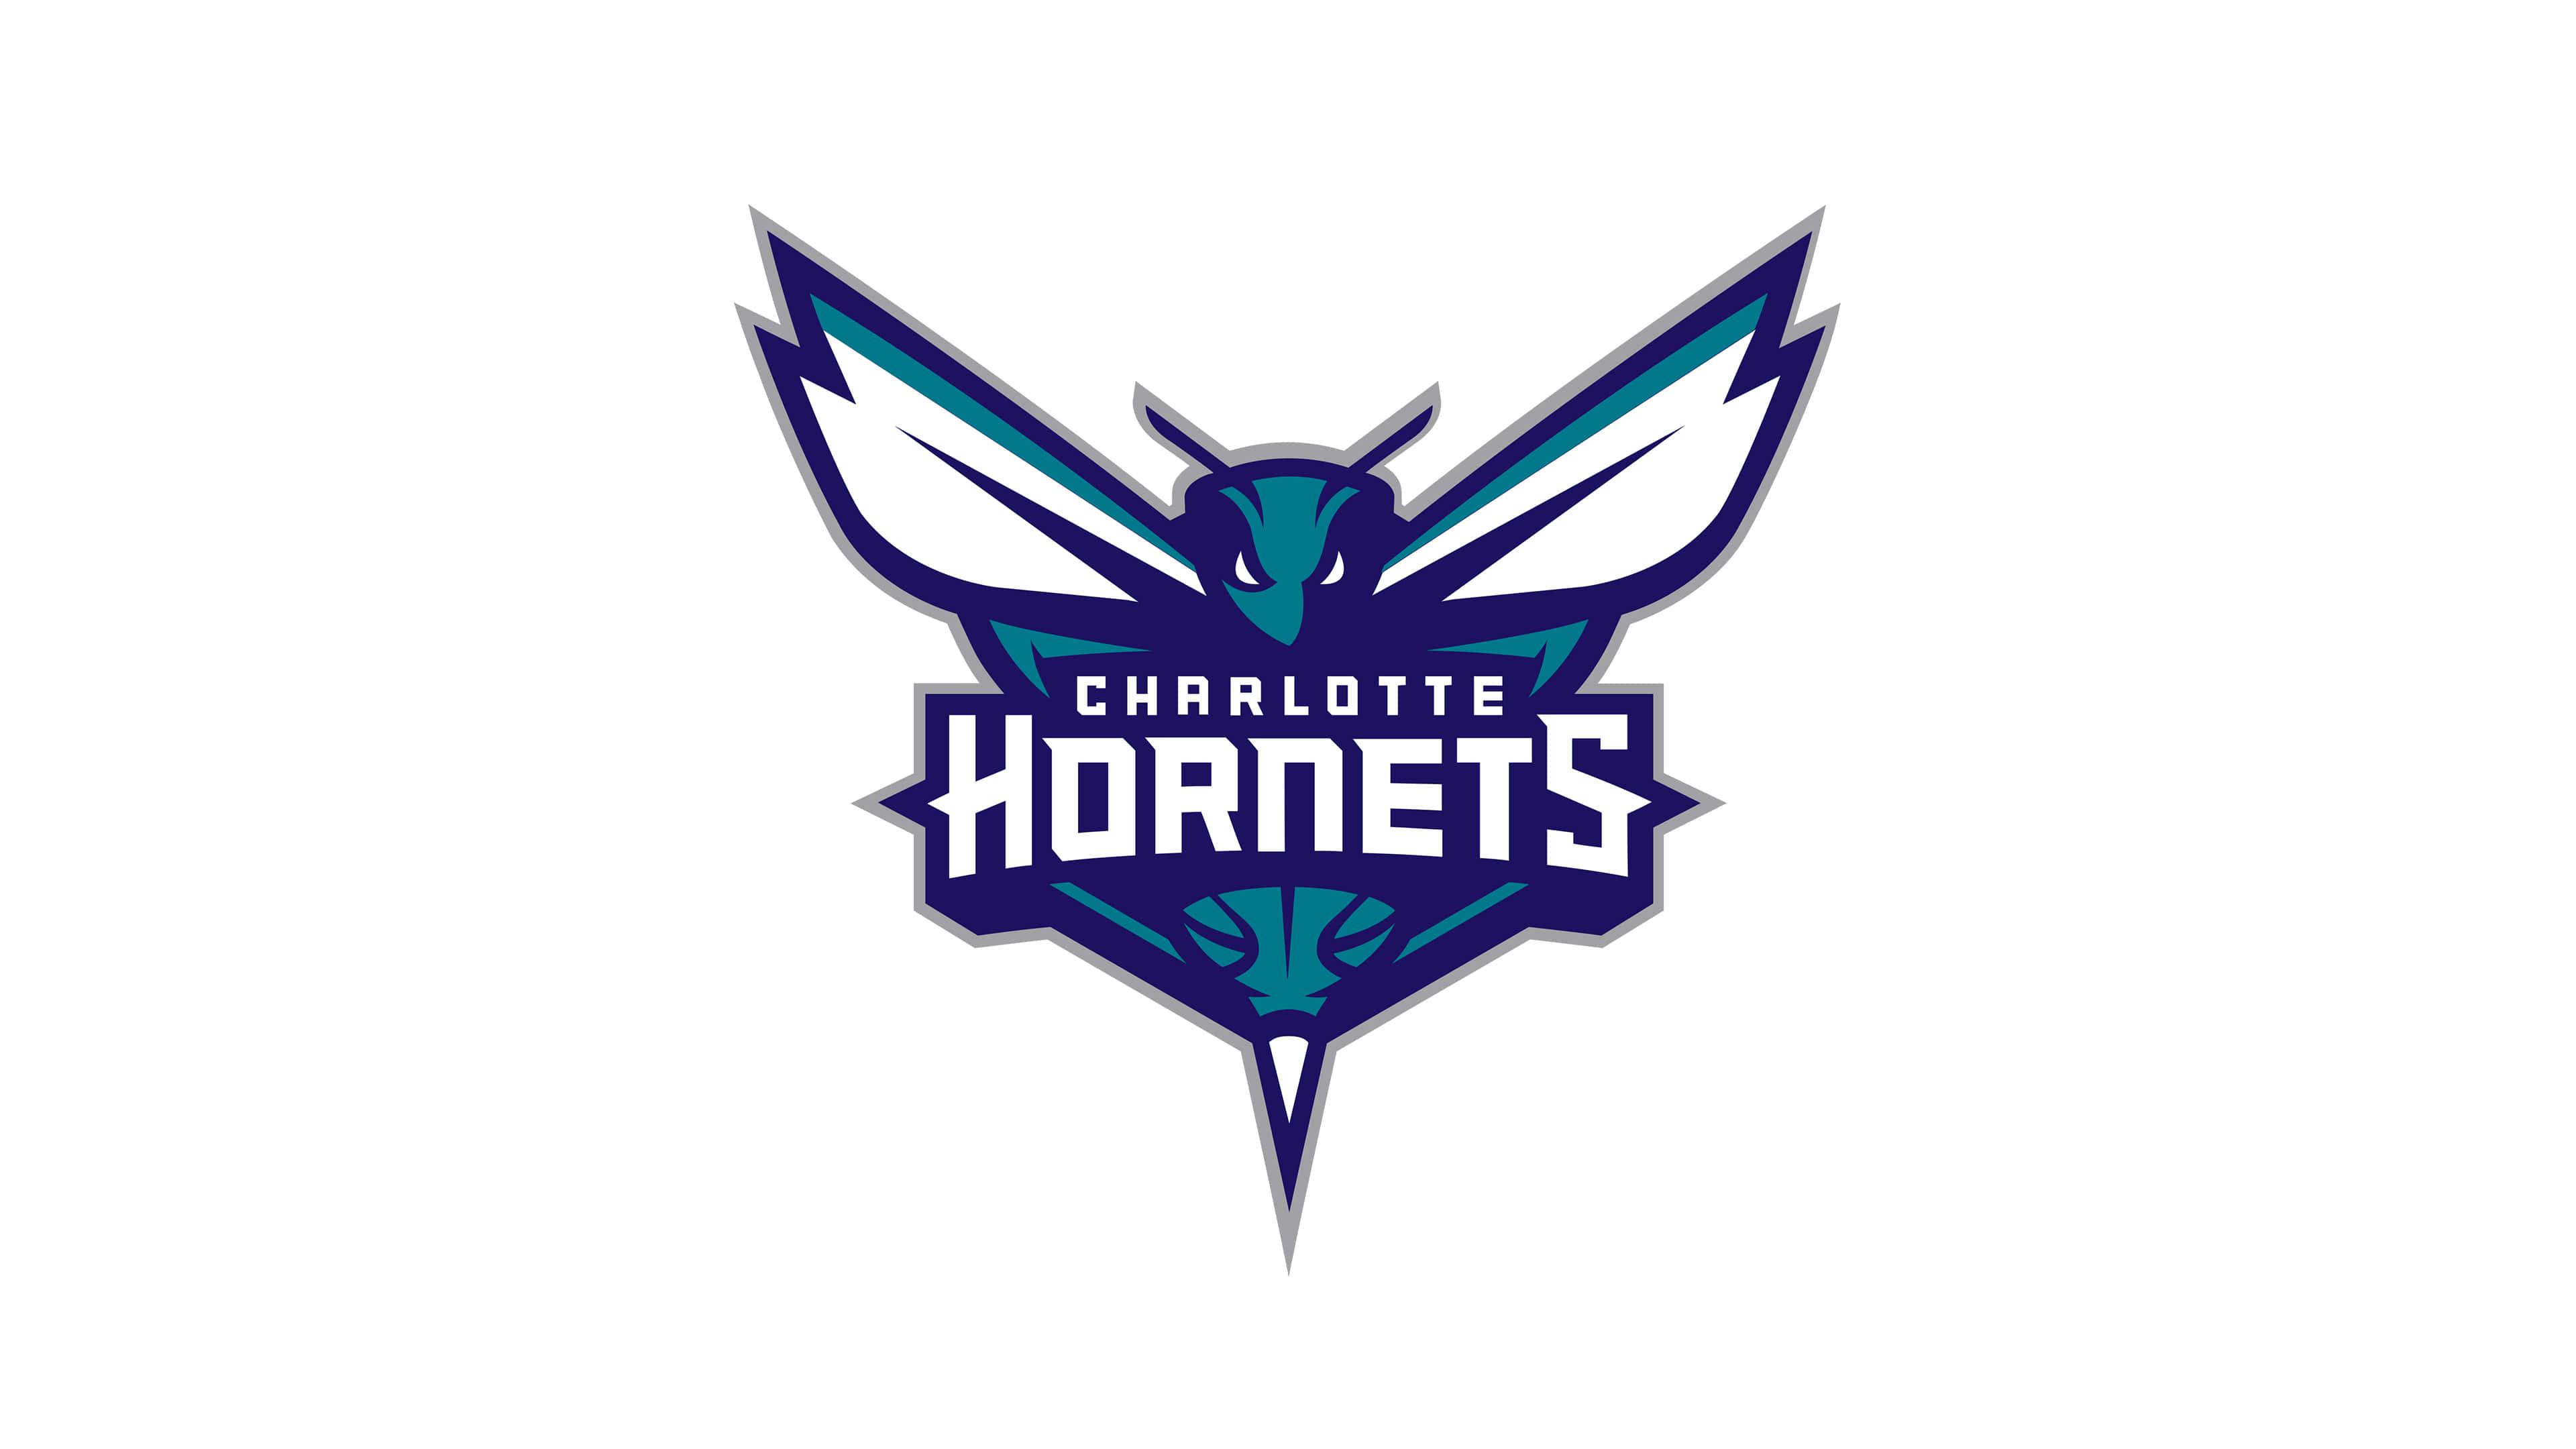 charlotte hornets nba logo uhd 4k wallpaper